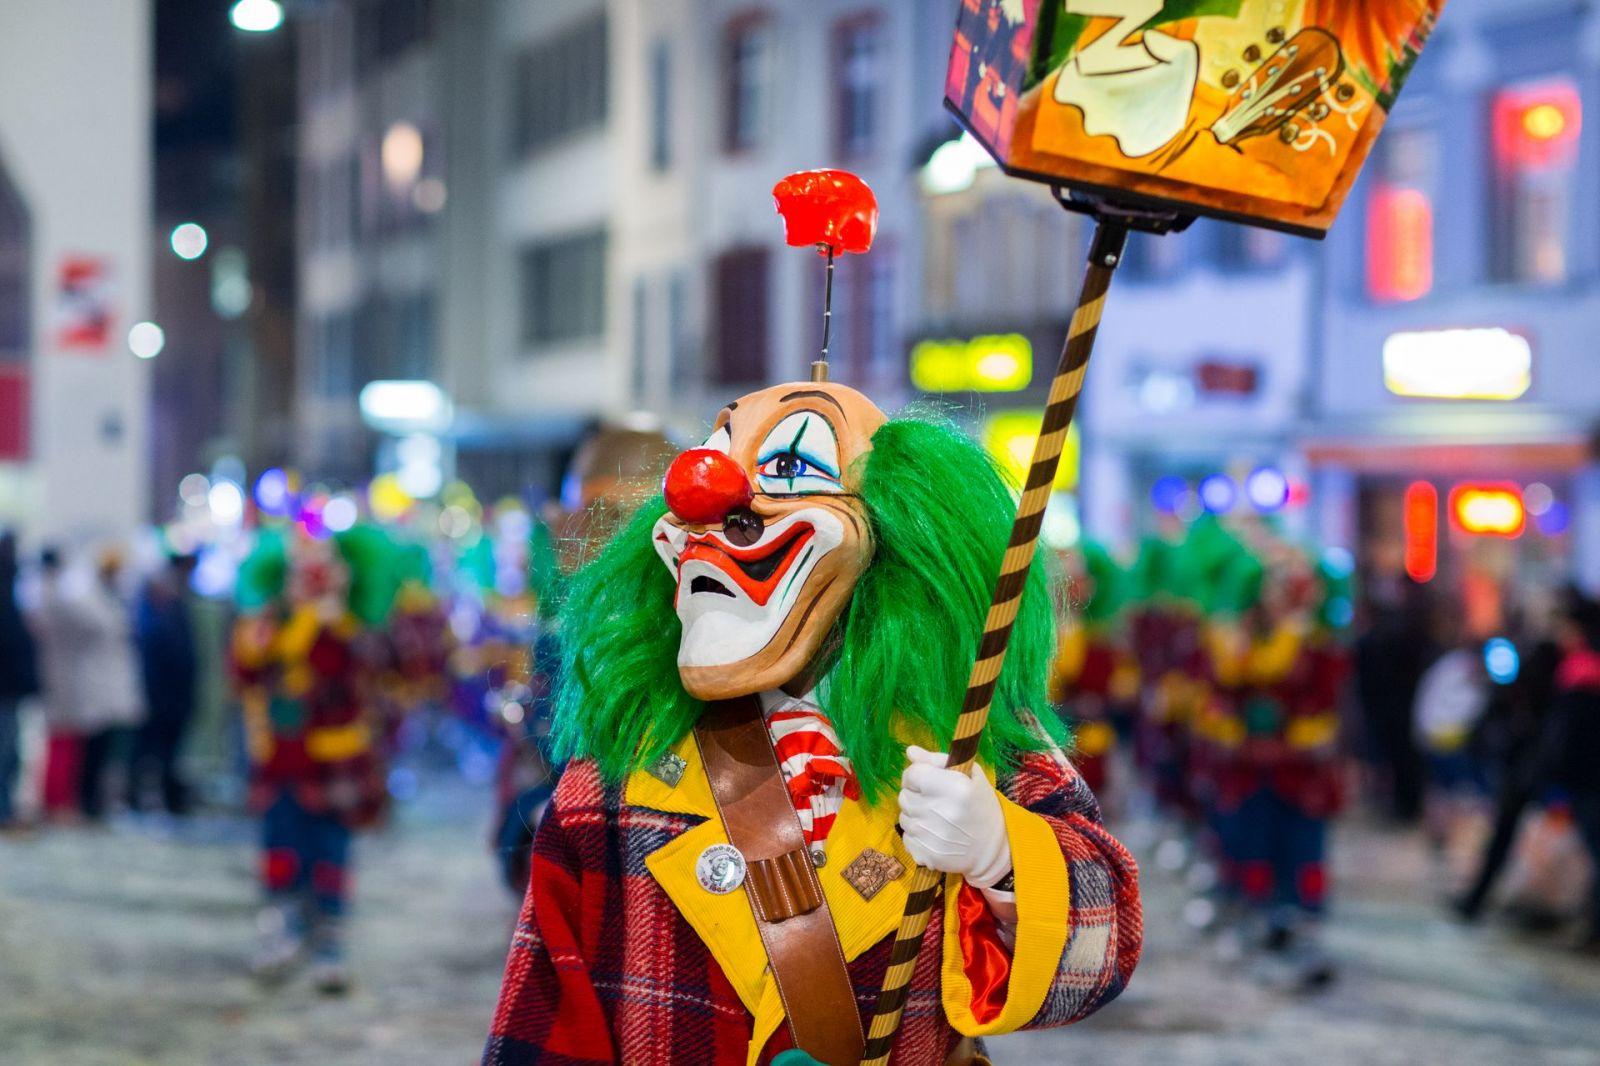 Basel's Carnival